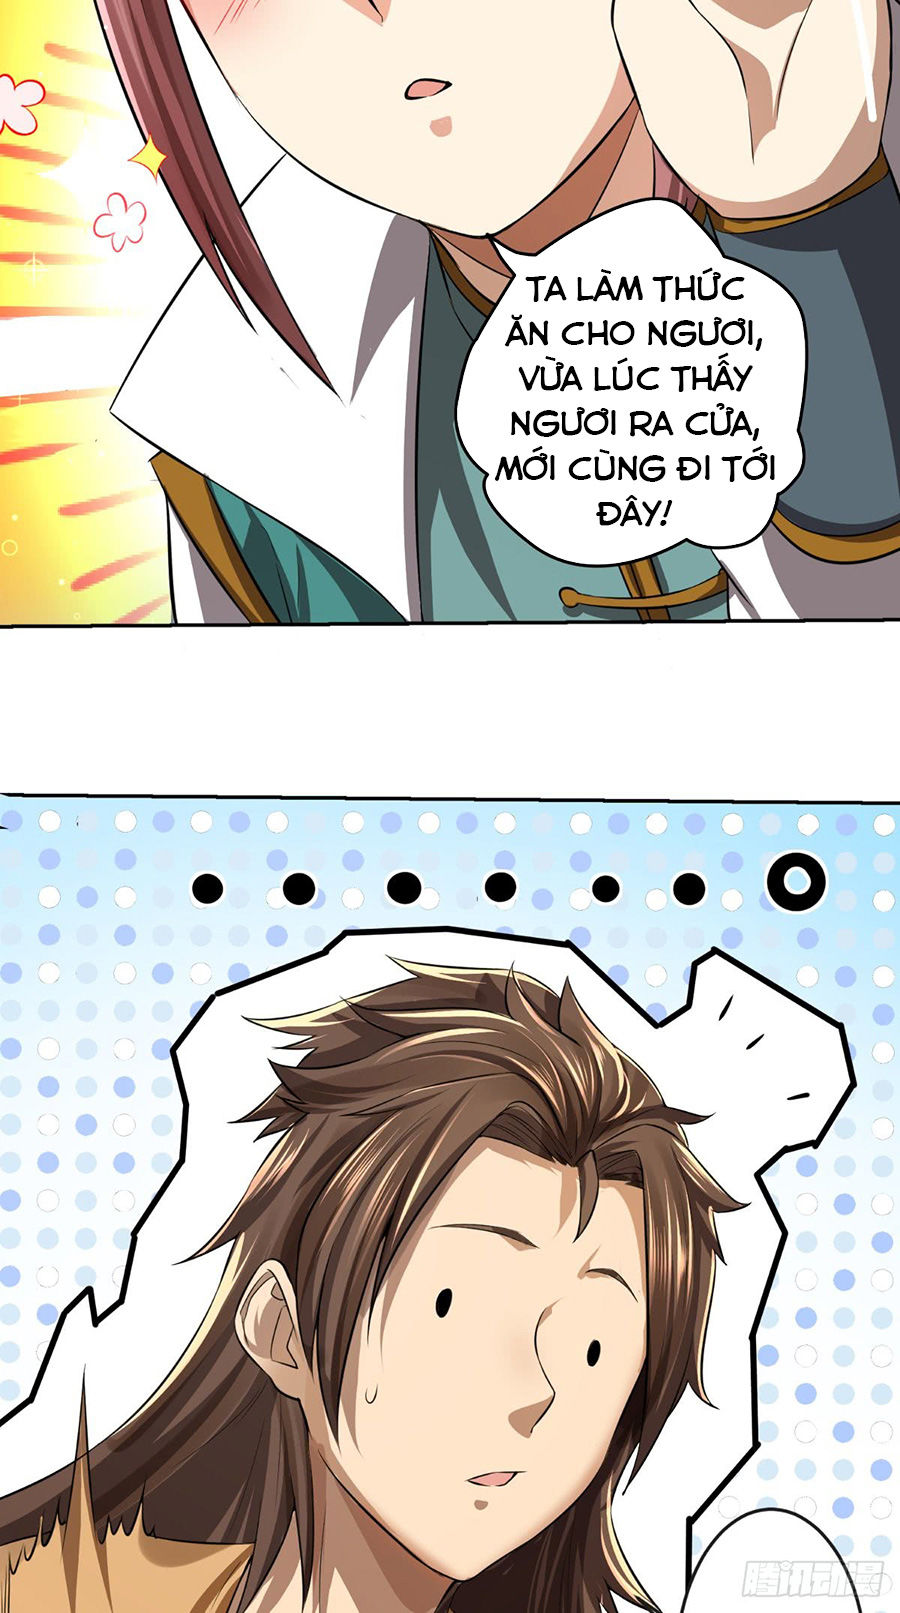 Tu Thiên Truyện Chapter 12 - Trang 6